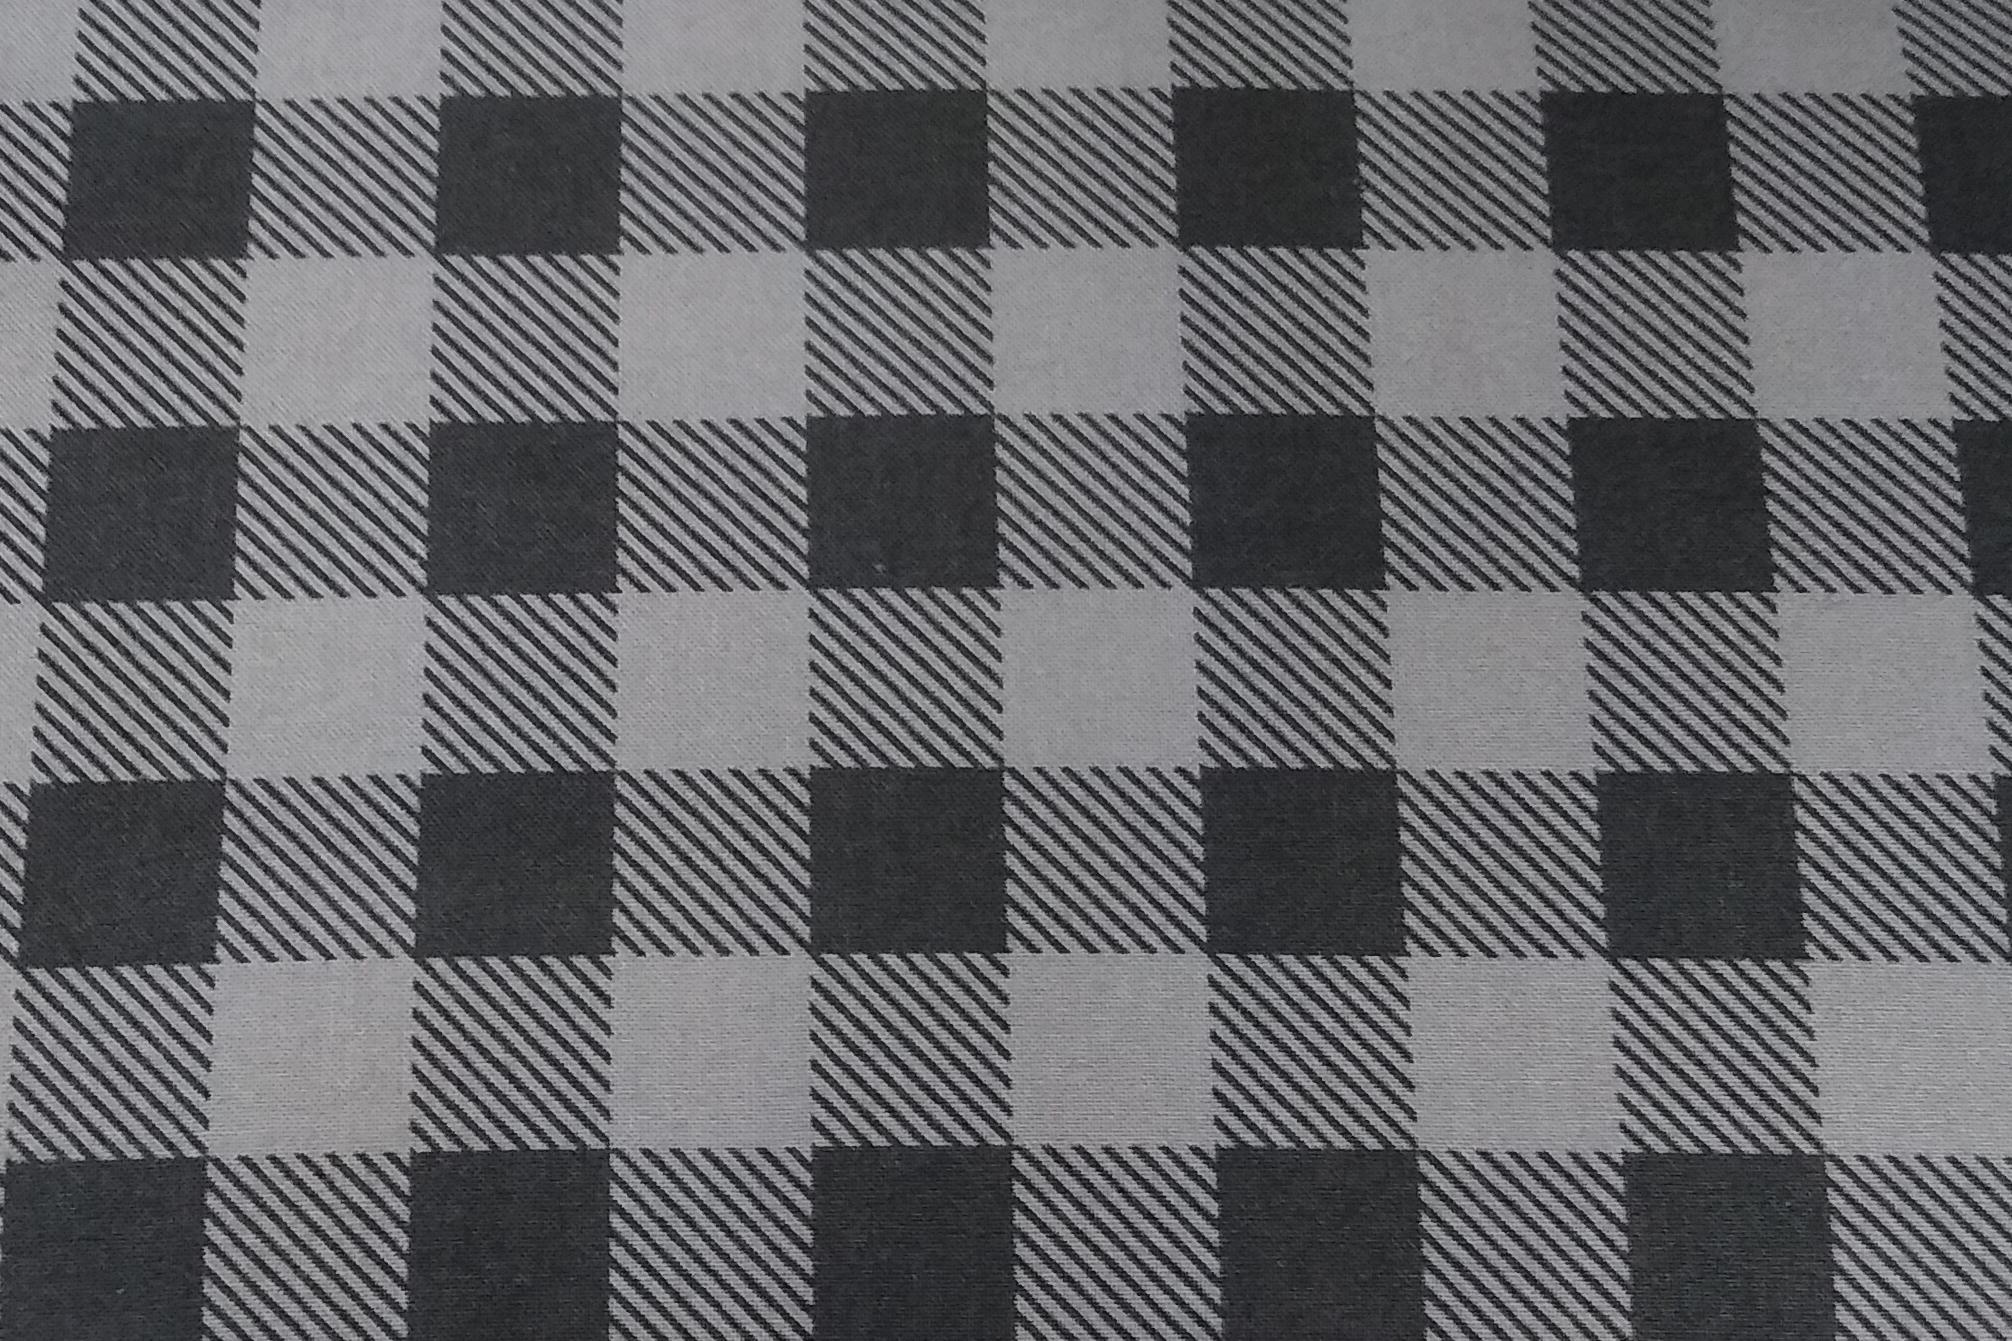 Baumwolle kariert/ Karo/ Kästchen/ Hipster/ Holzfäller, grau, 110cm breit, 0.5m 5,00€ SALE